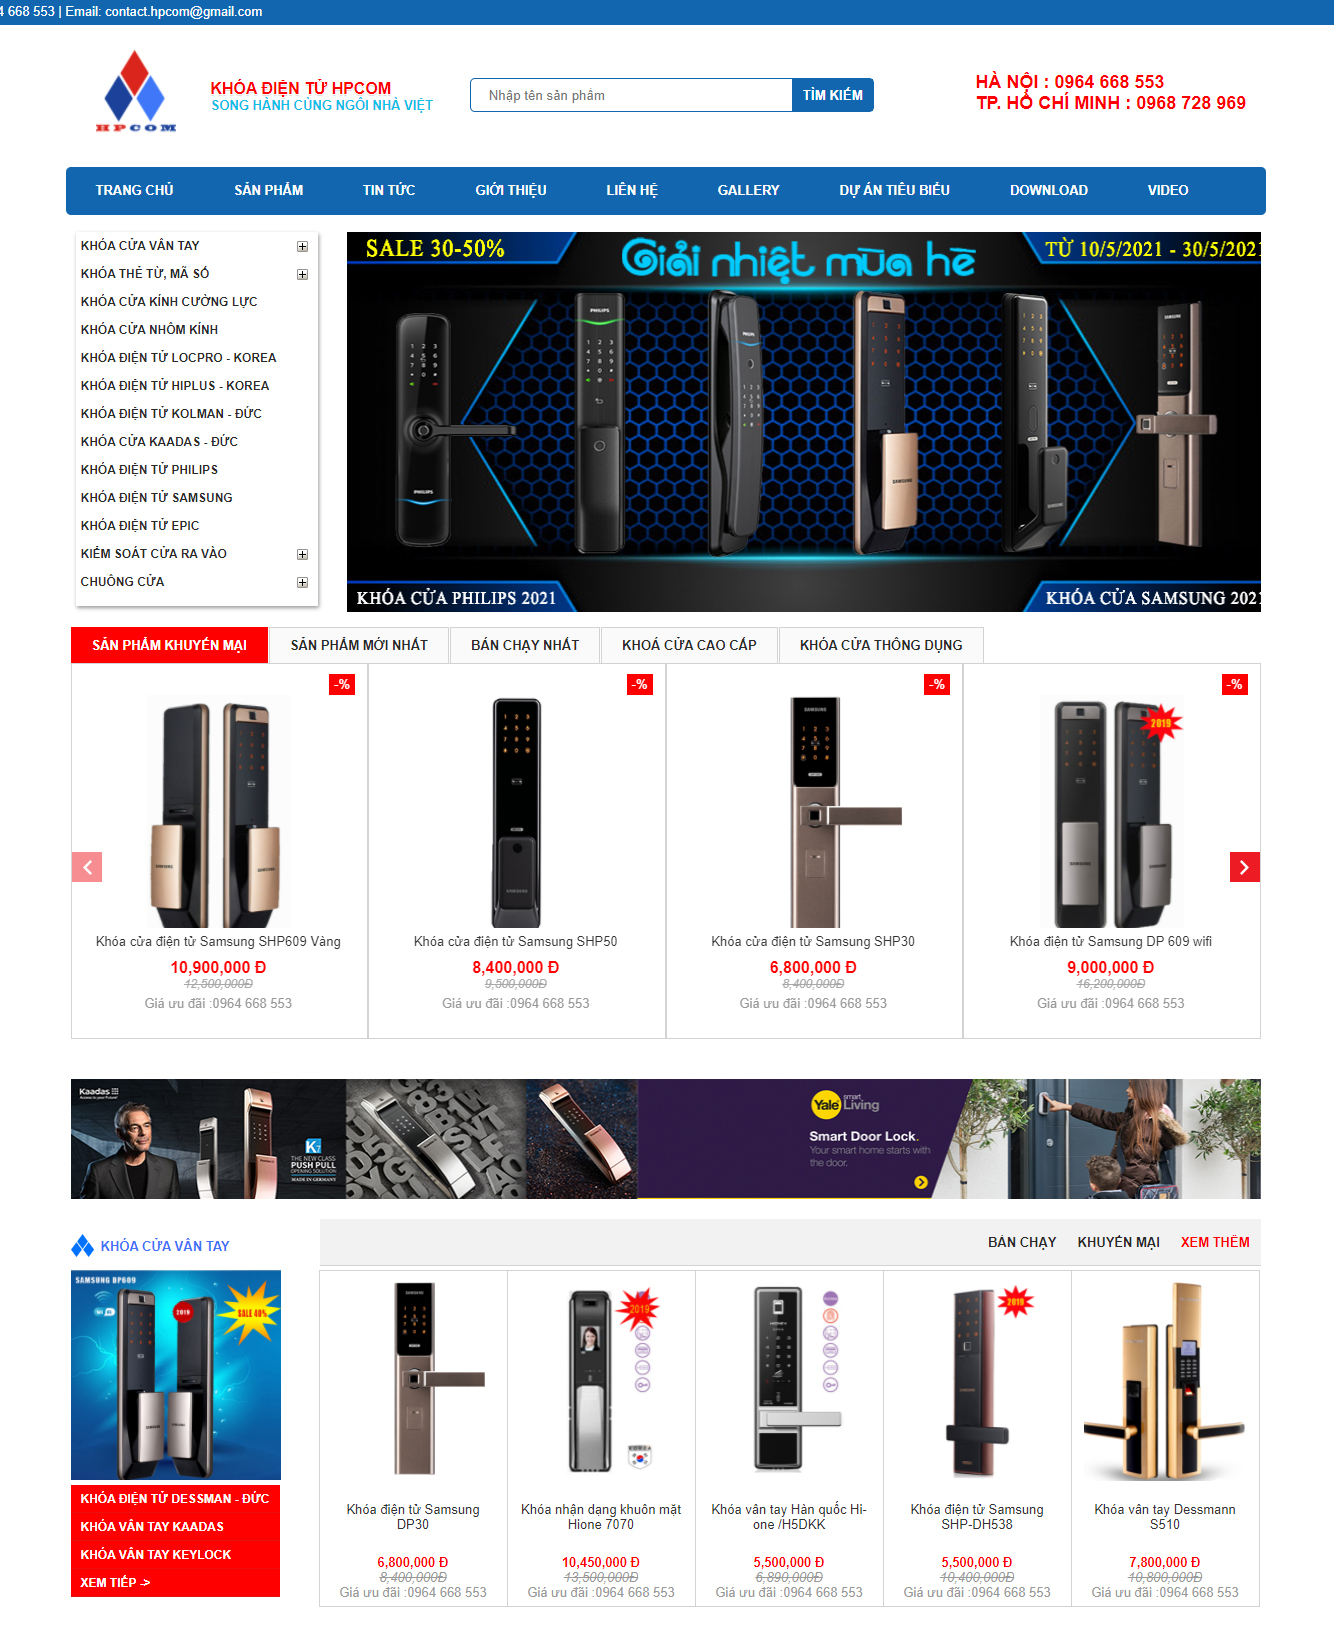 Thiết kế website bán hàng khóa cửa điện tử chuyên nghiệp